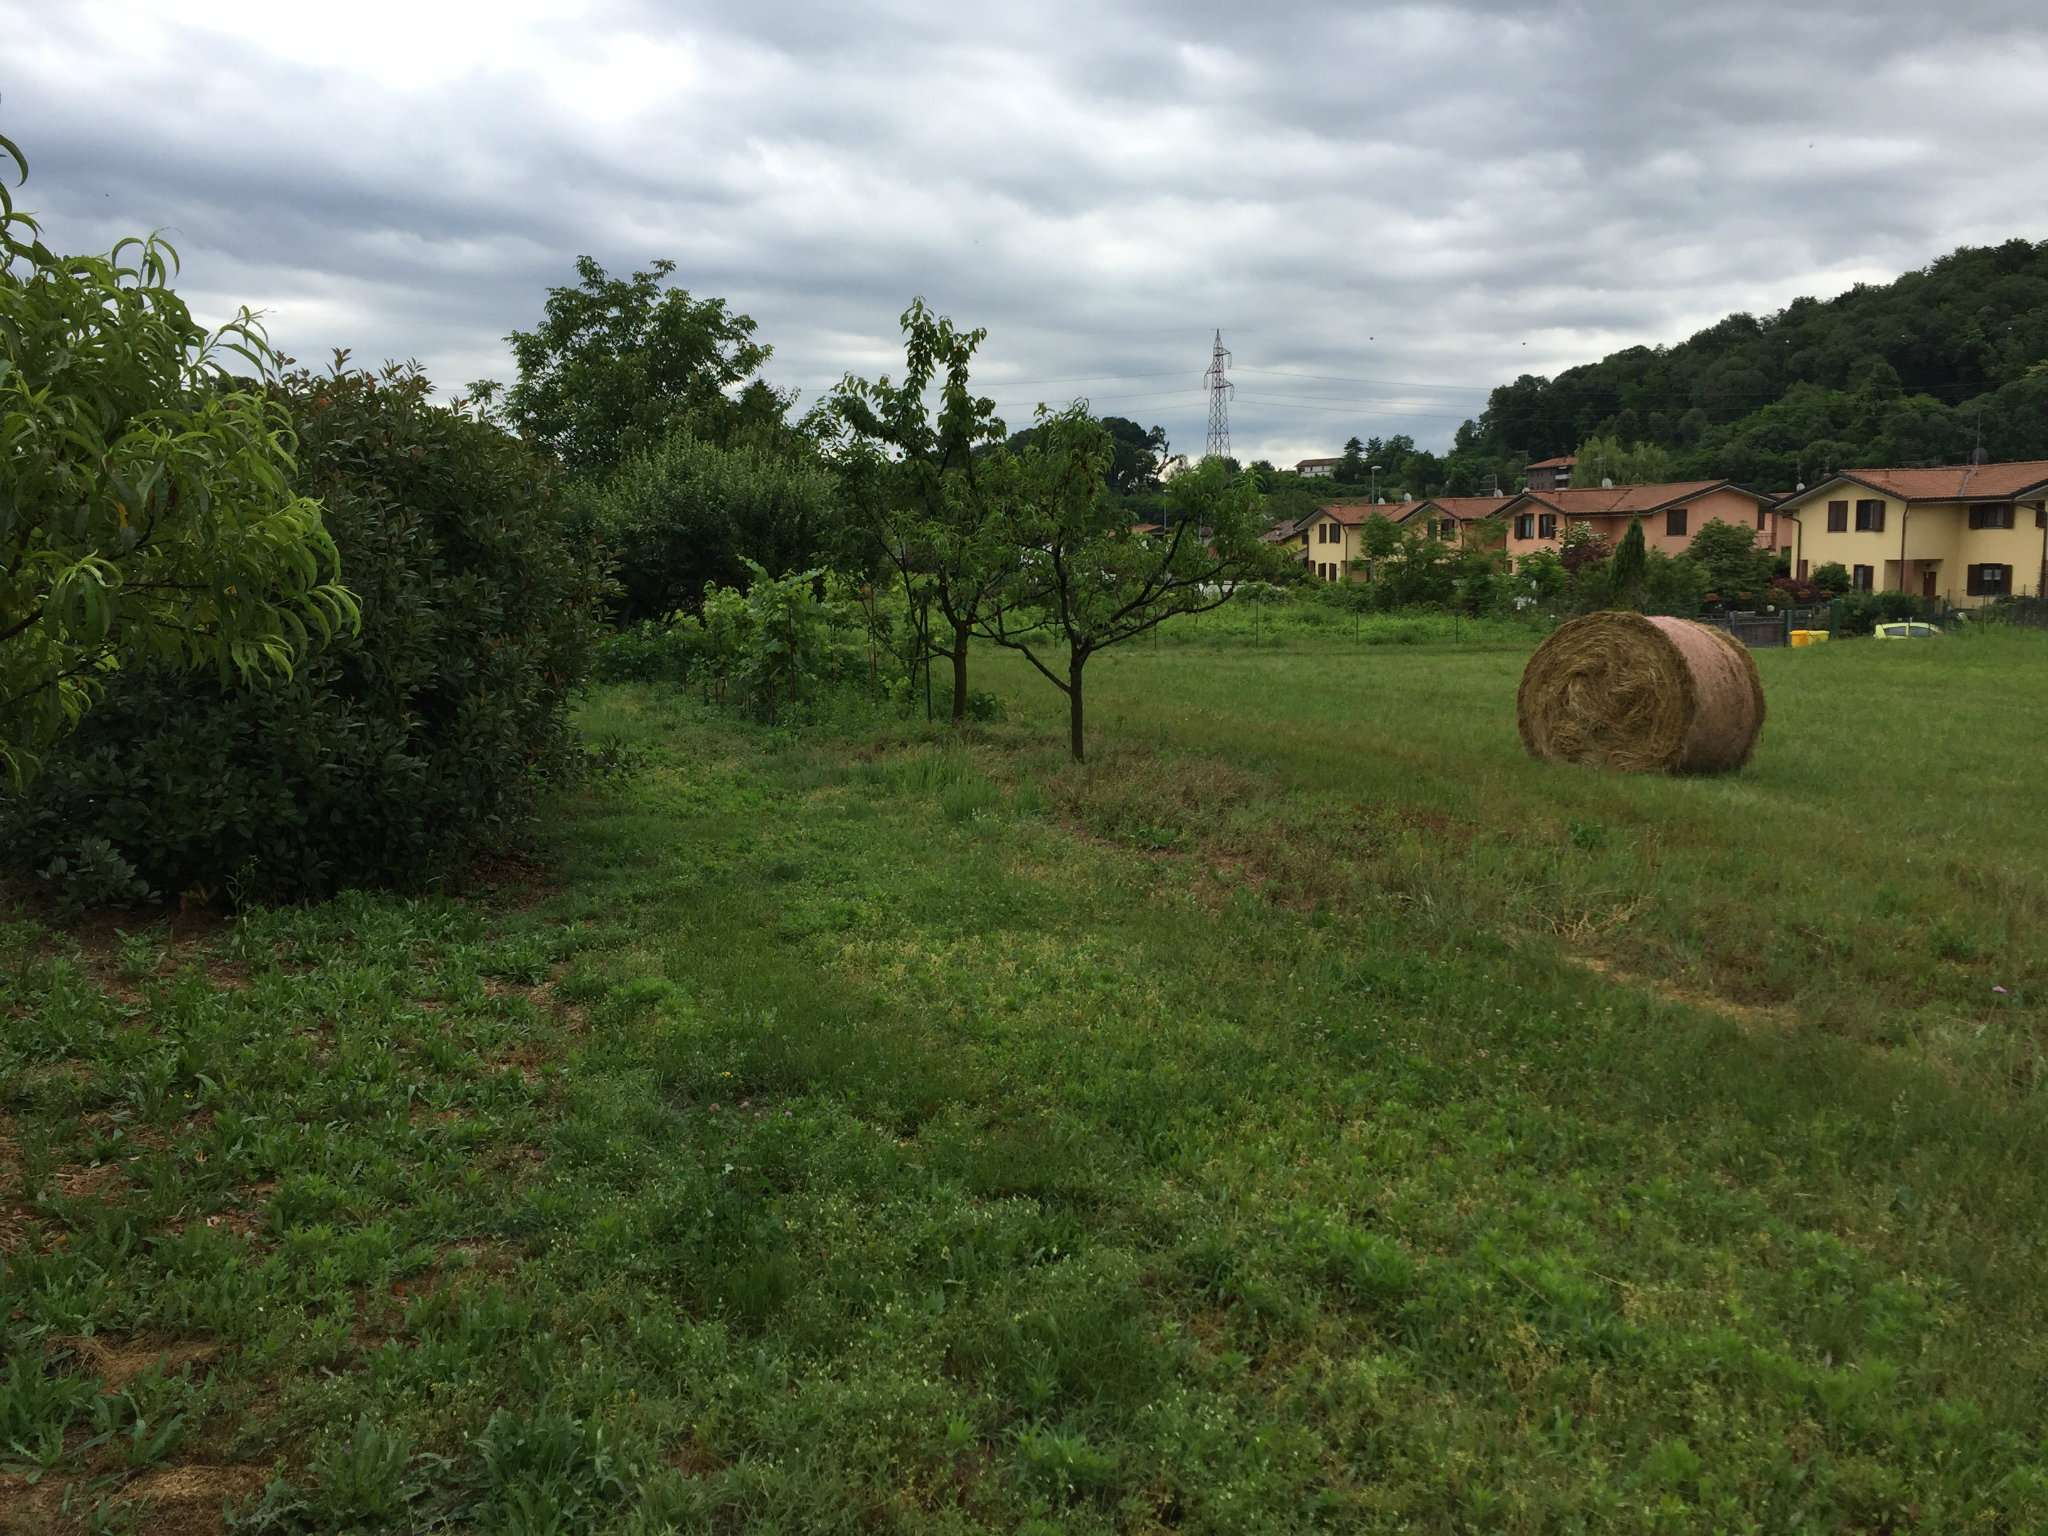 Terreno Agricolo in vendita a Travedona-Monate, 9999 locali, prezzo € 78.000 | CambioCasa.it